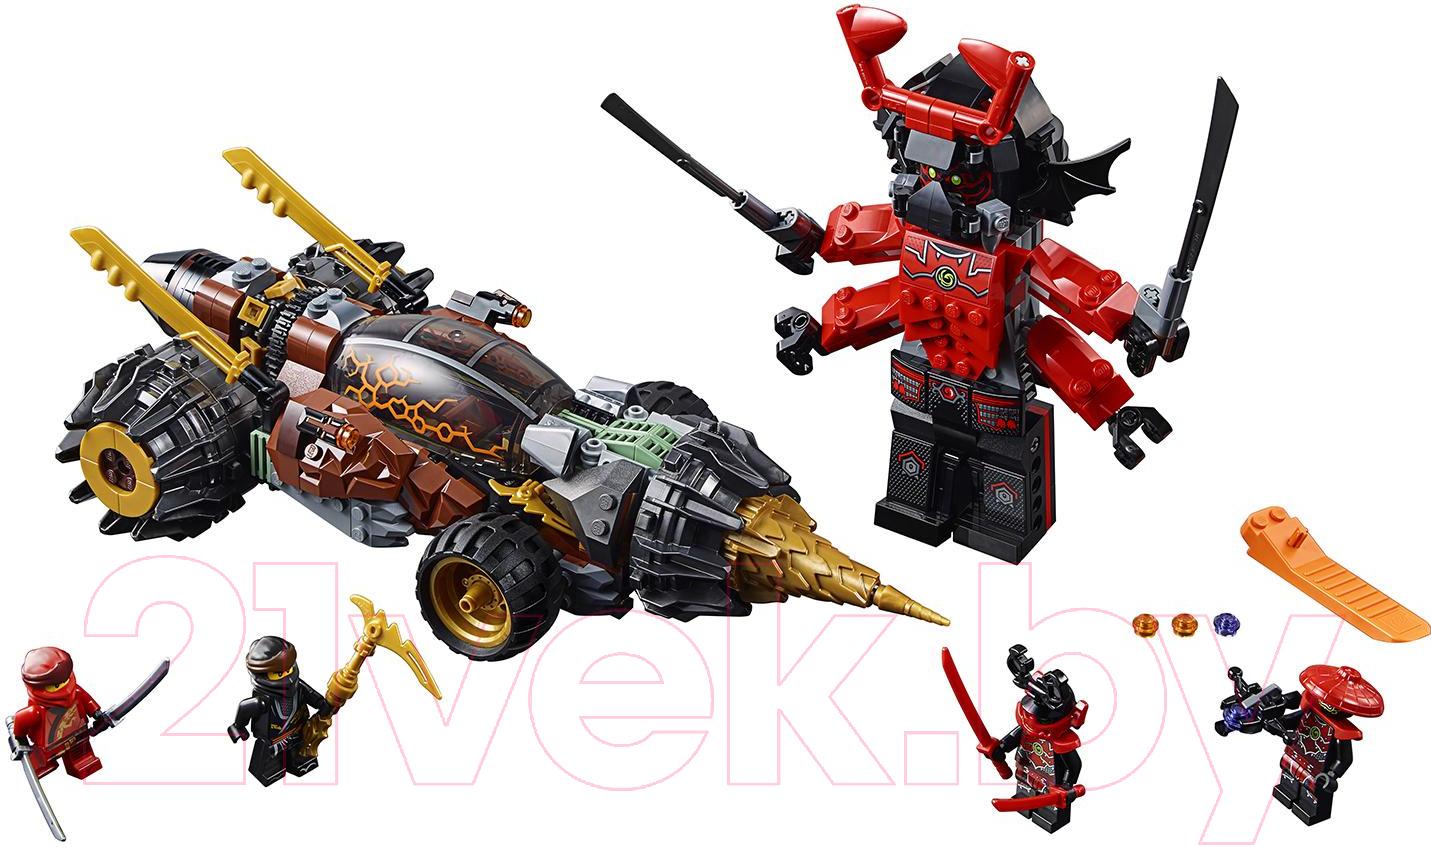 Купить Конструктор Lego, Ninjago Земляной бур Коула 70669, Китай, пластик